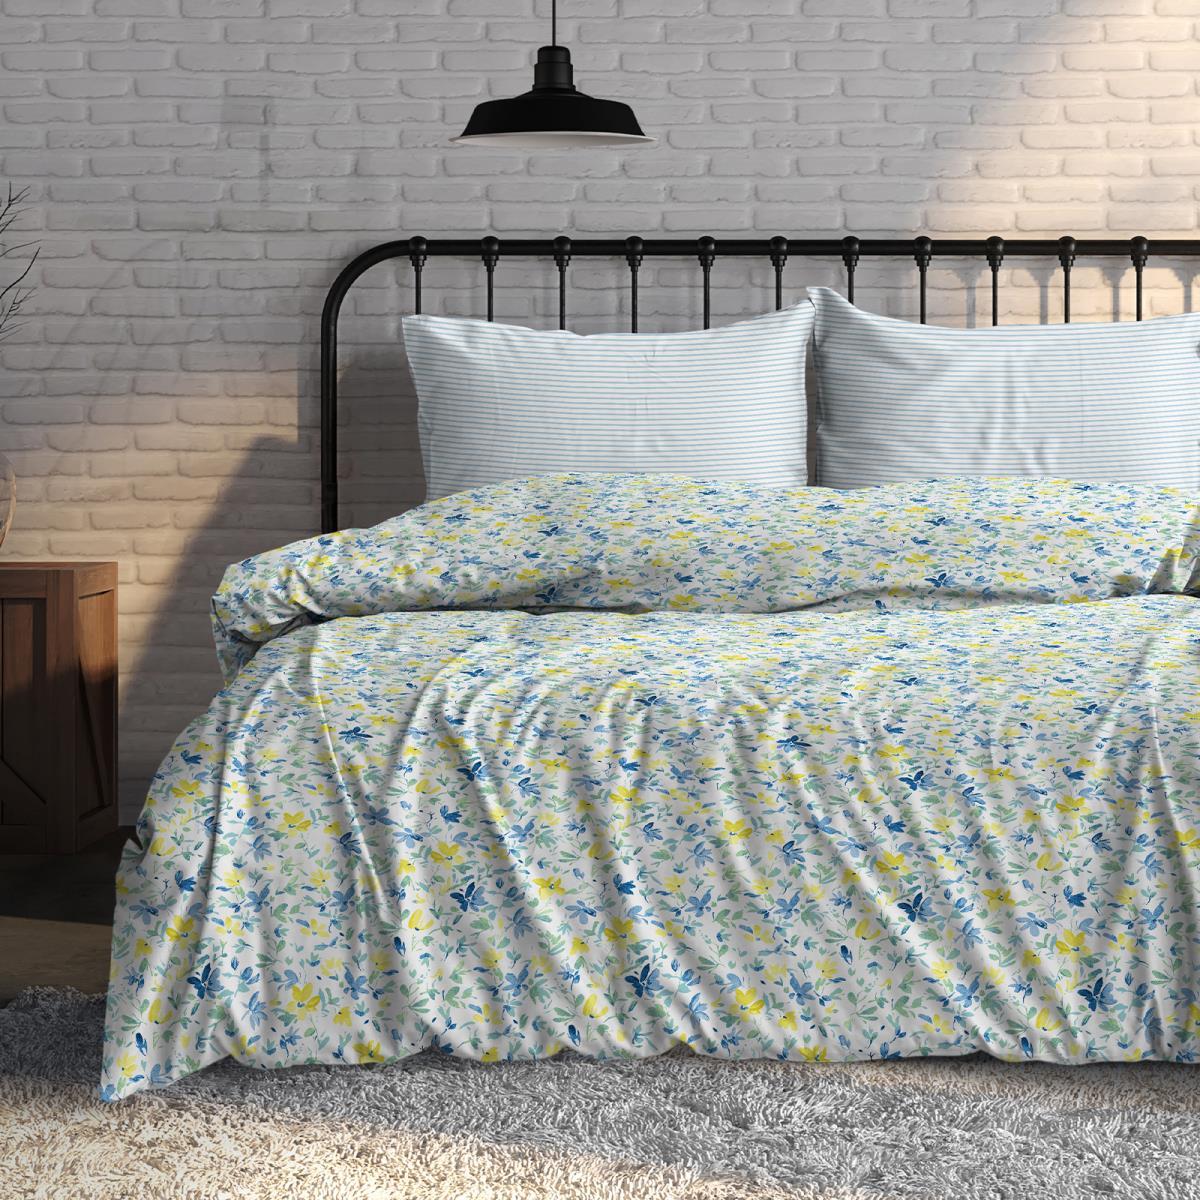 Фото - Постельное белье iv76081 (поплин) (1,5 спальный) постельное белье iv76089 поплин 1 5 спальный